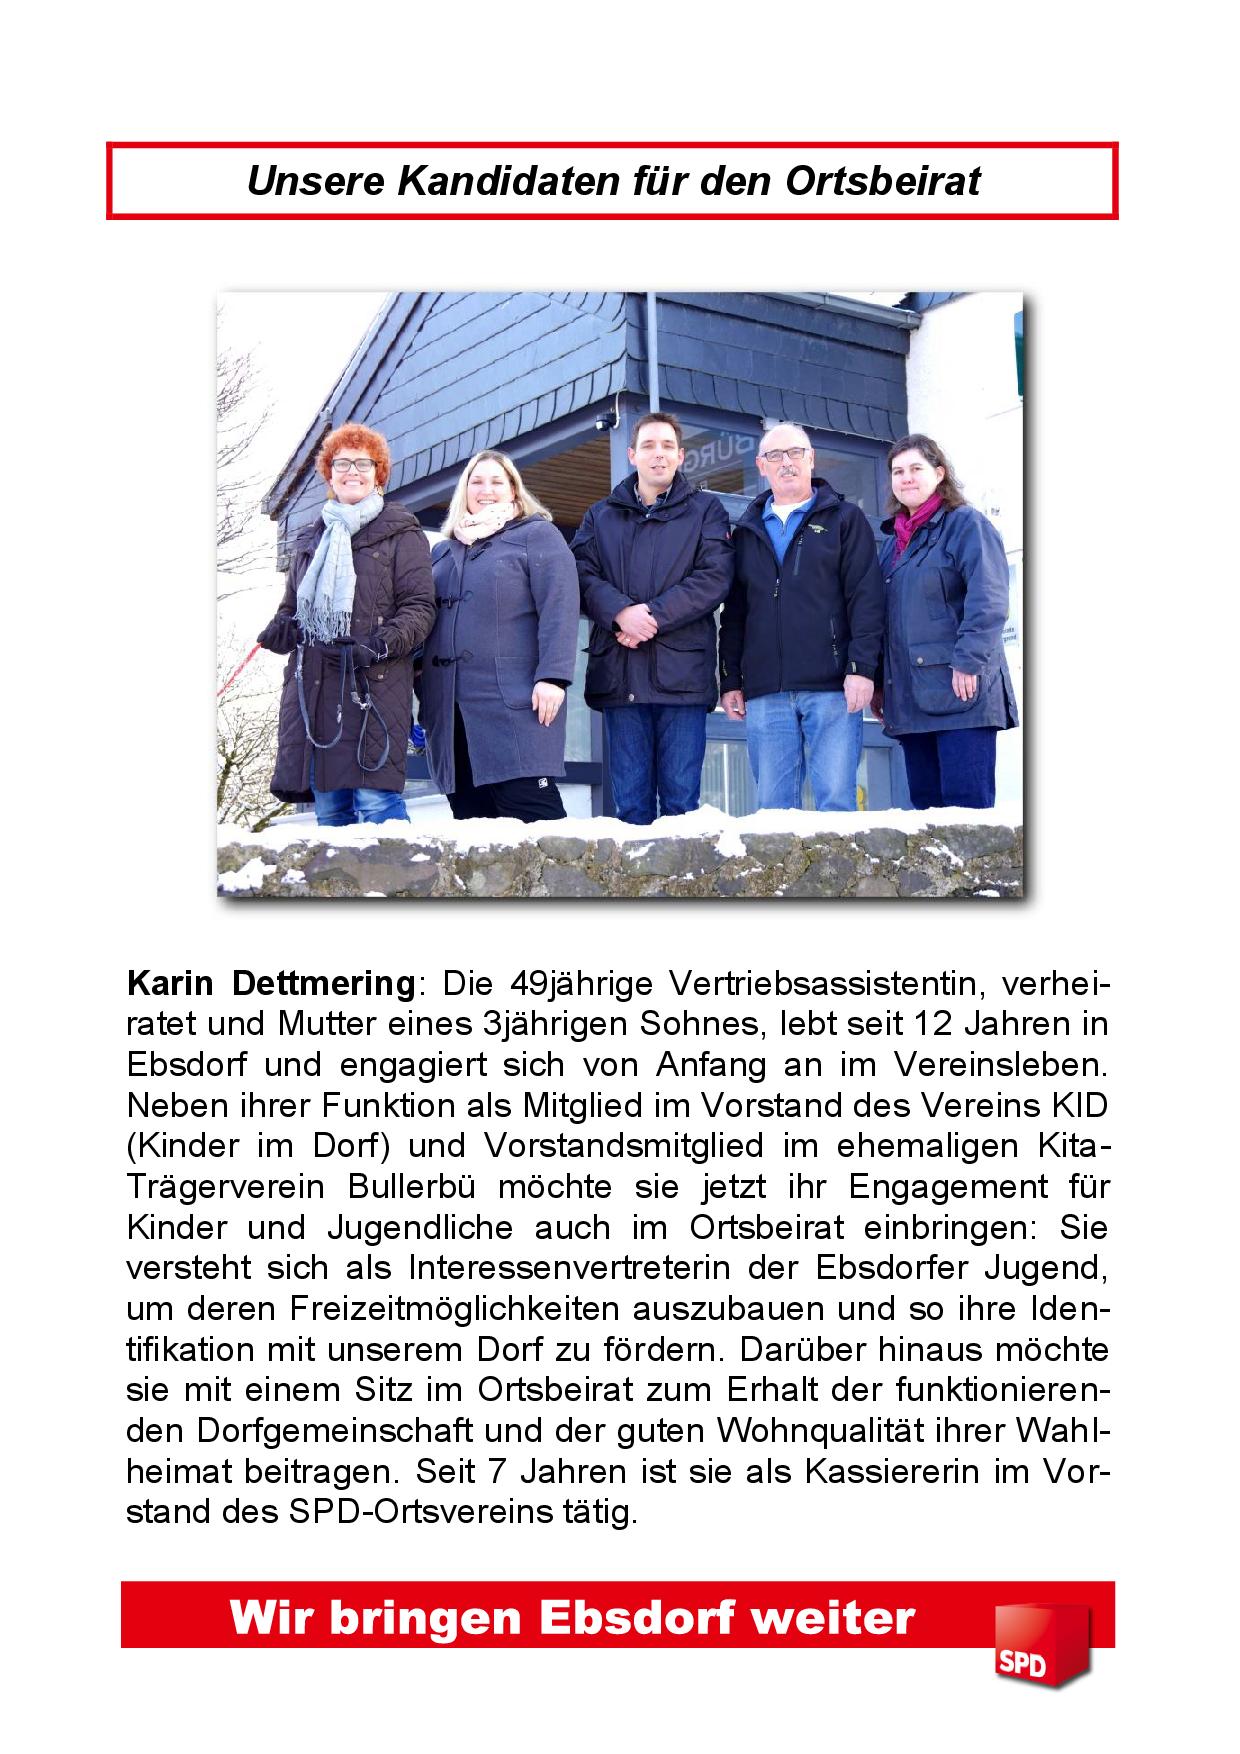 SPD_Kommunalwahl_2016_4